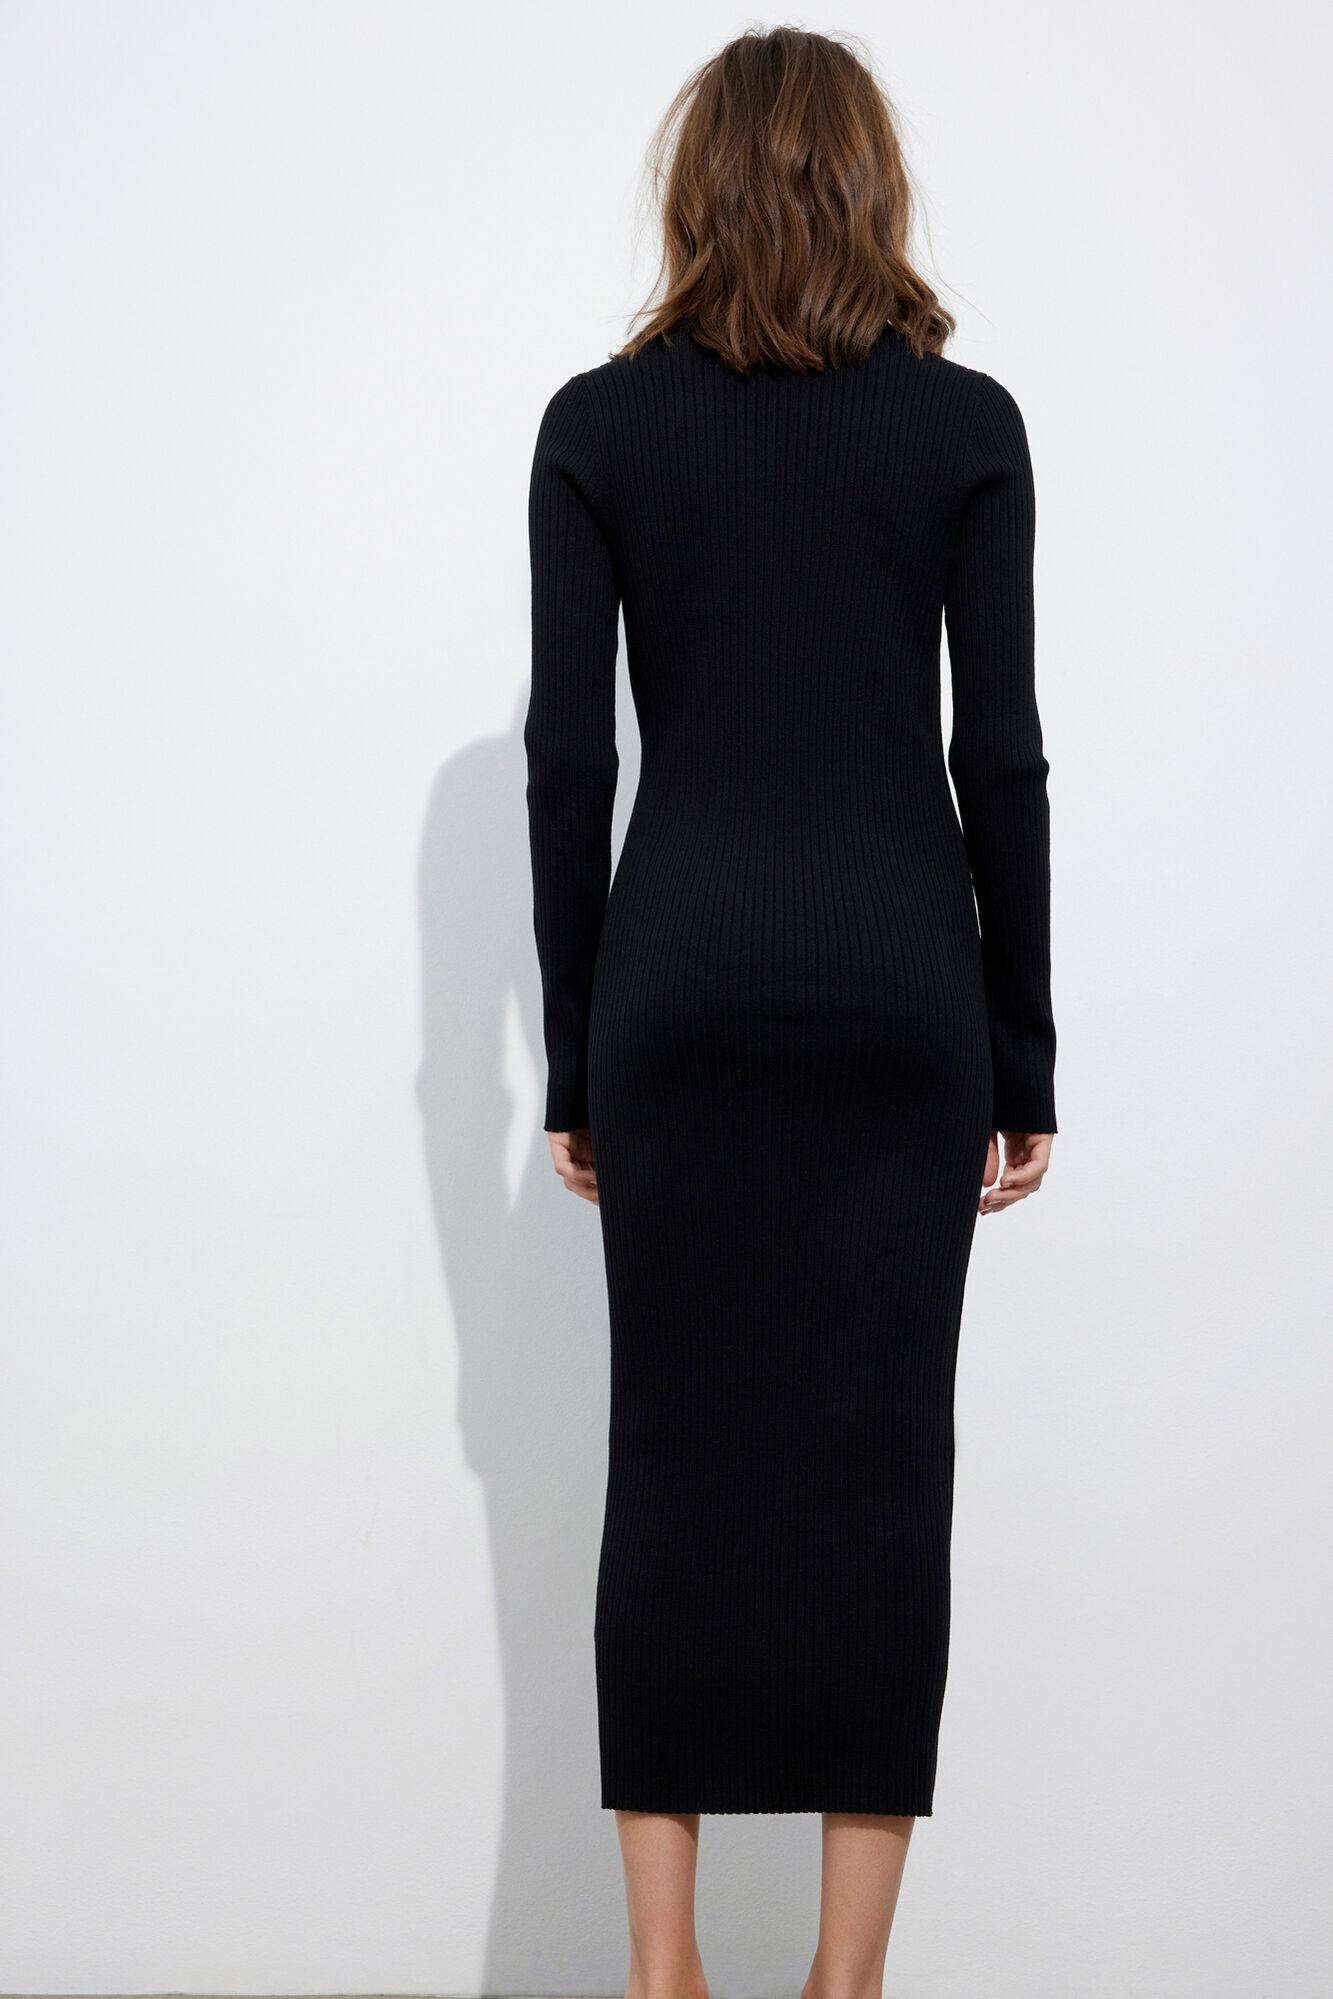 ENAGATHE DRESS 5253